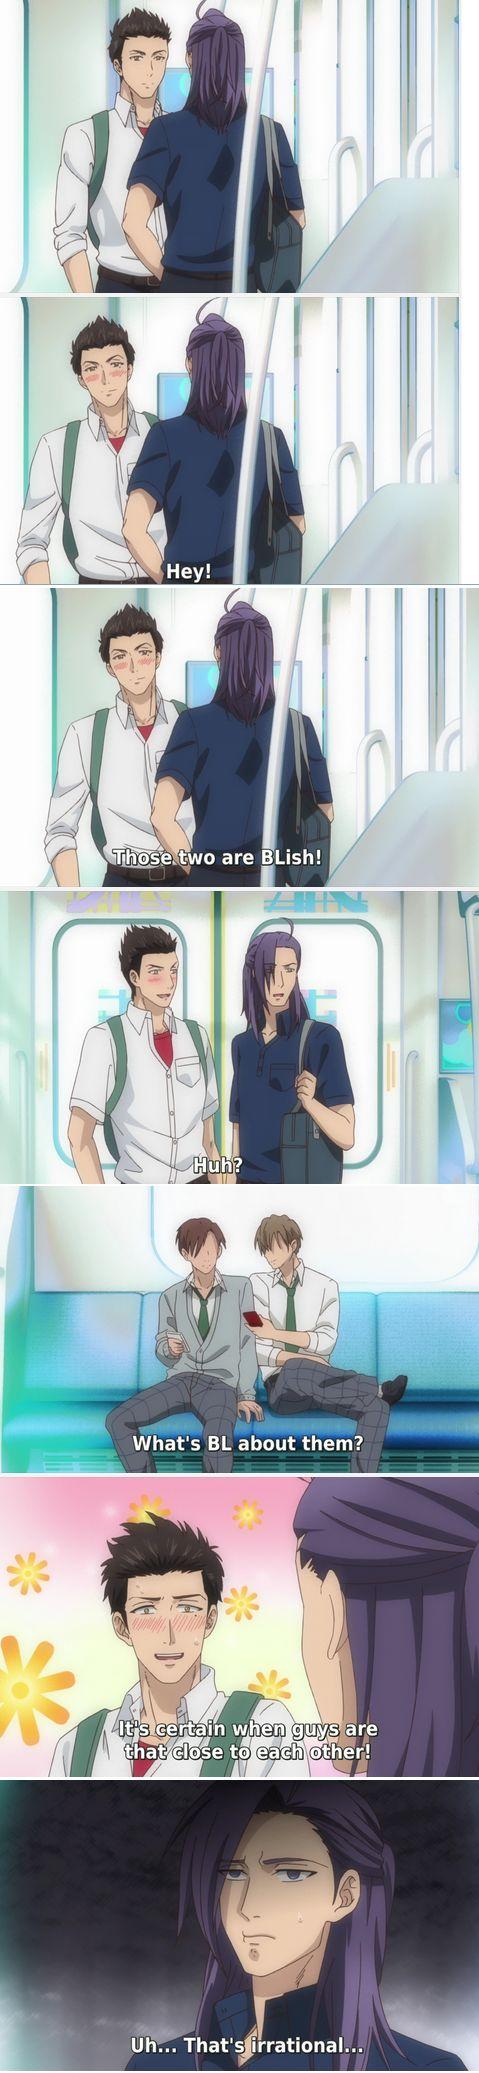 Fudanshi Koukou Seikatsu  ITS NOT IRRATIONAL MY SHIPS WONT SINK!